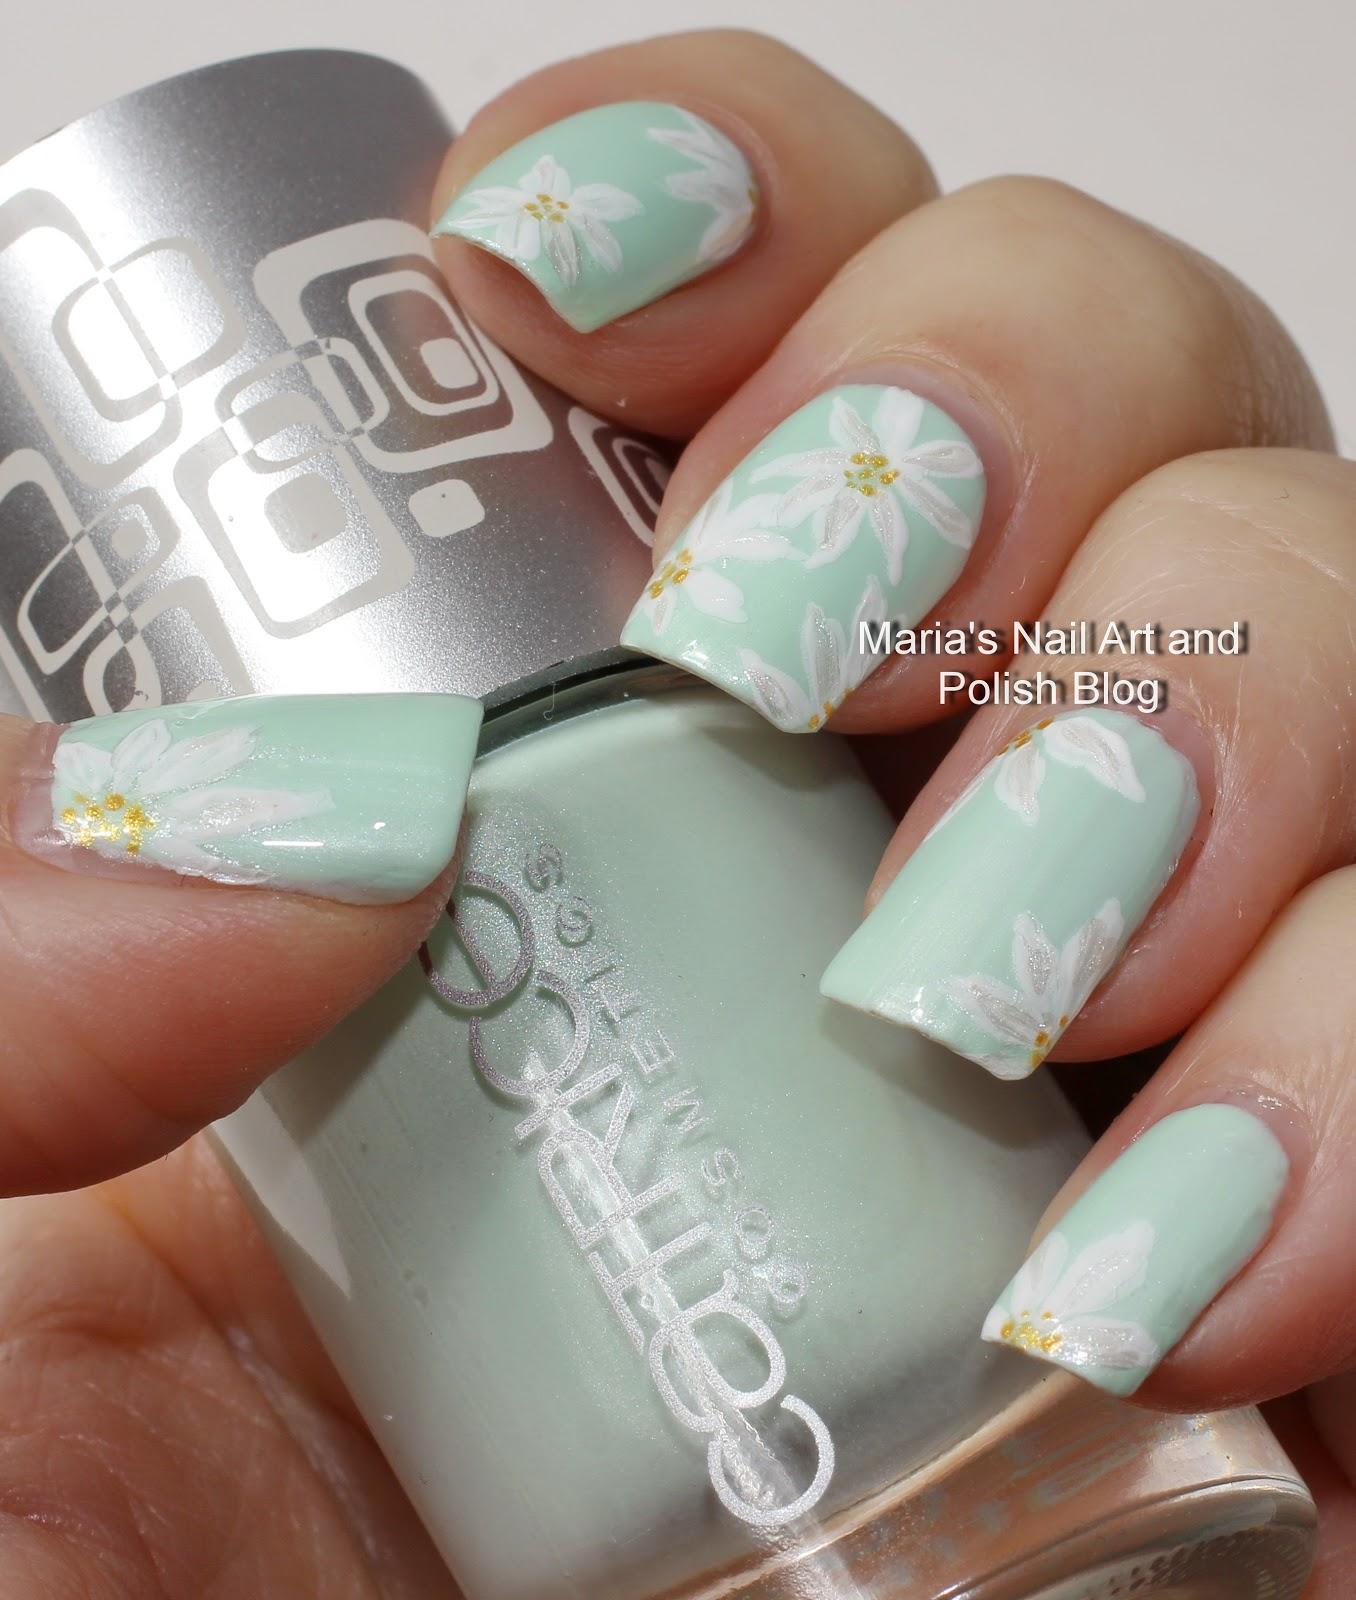 Marias Nail Art And Polish Blog: Subtle Floral Nail Art On